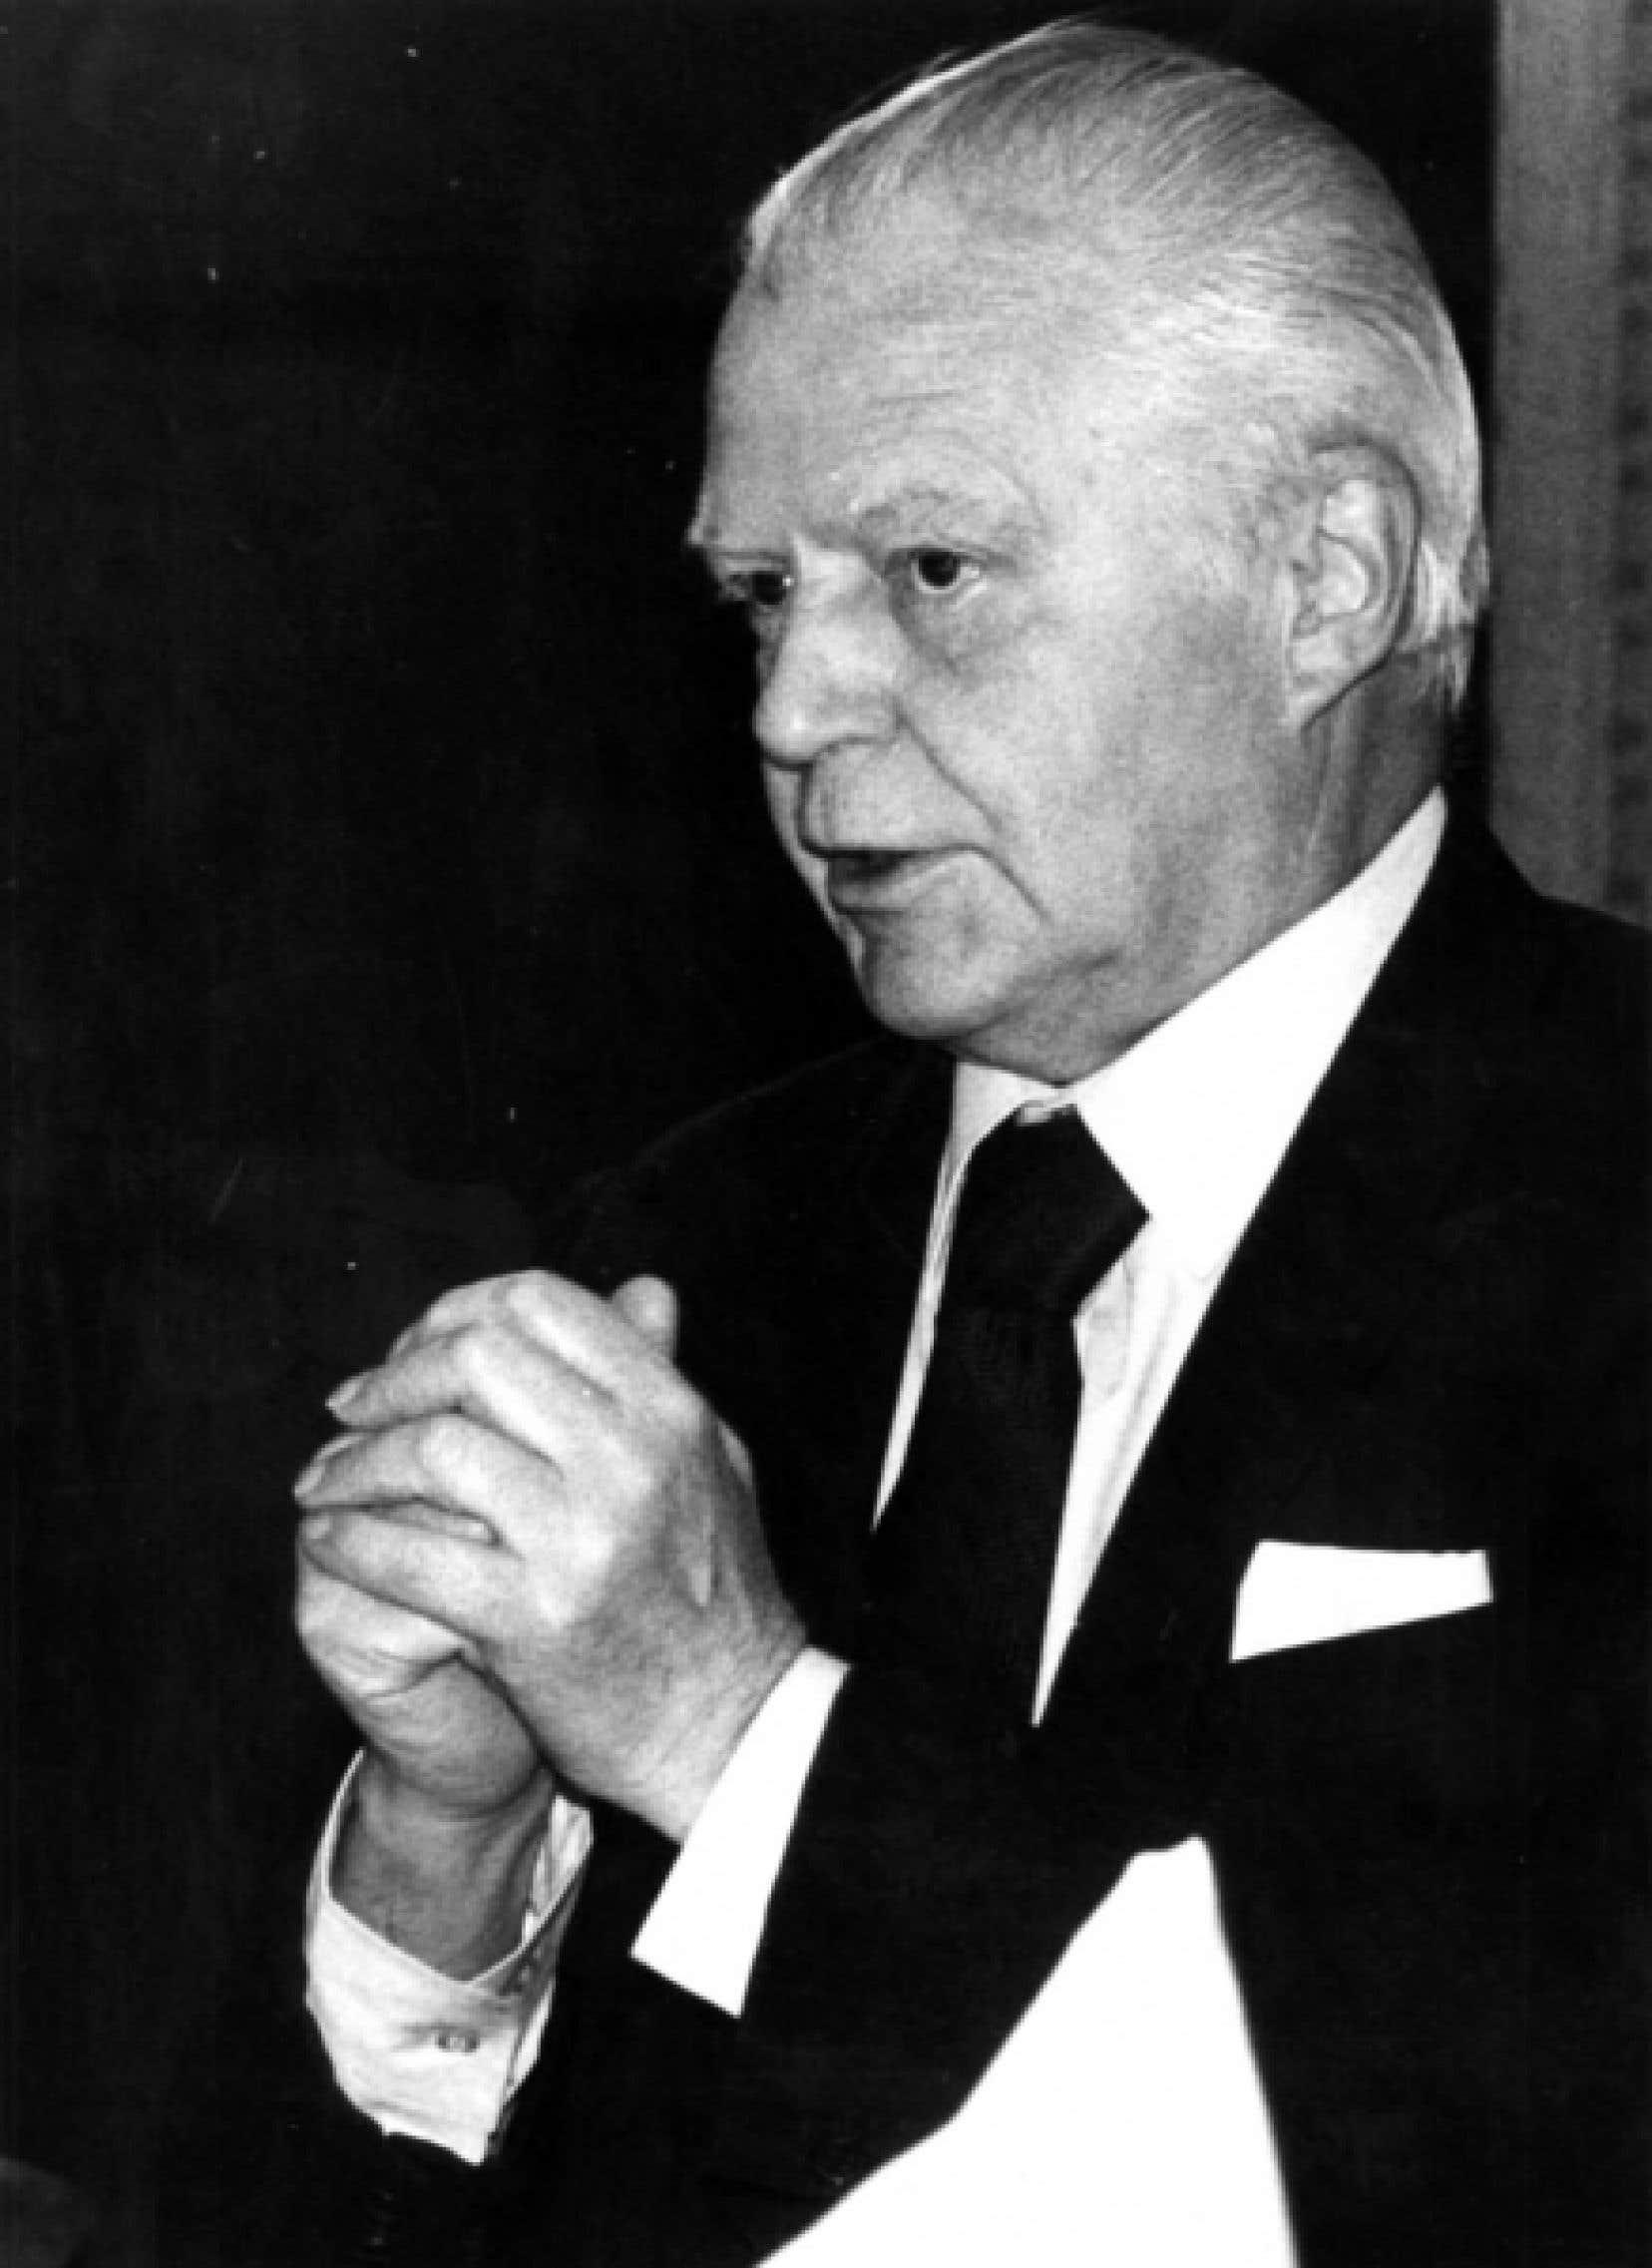 Jean-Marc Léger devient en 1961 le premier secrétaire général de l'Association des universités partiellement ou entièrement francophones (AUPELF). <br />